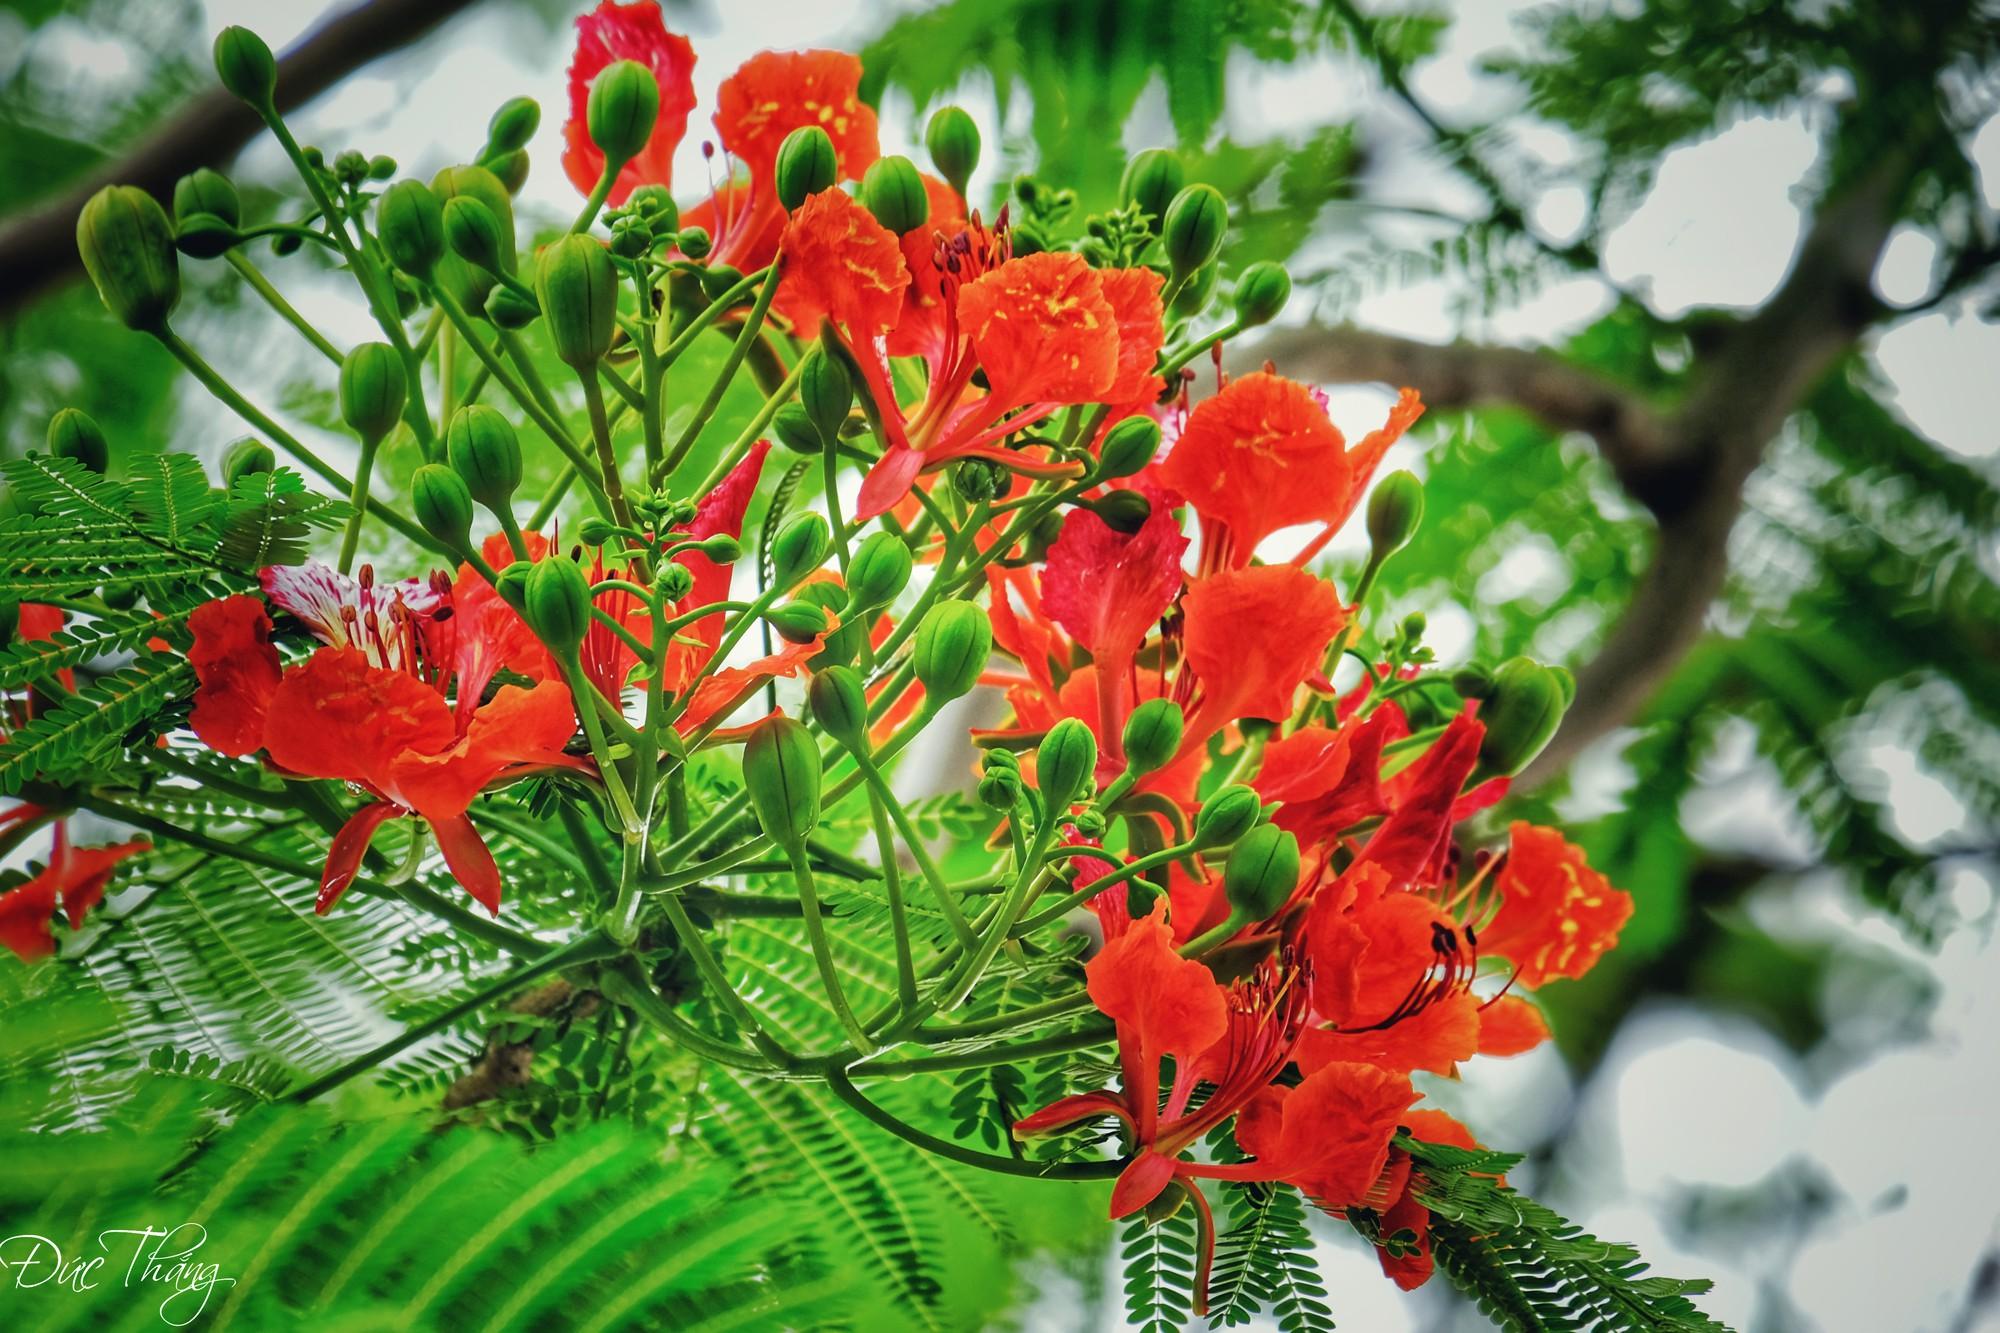 Những bông hoa phượng đỏ rất đẹp mắt